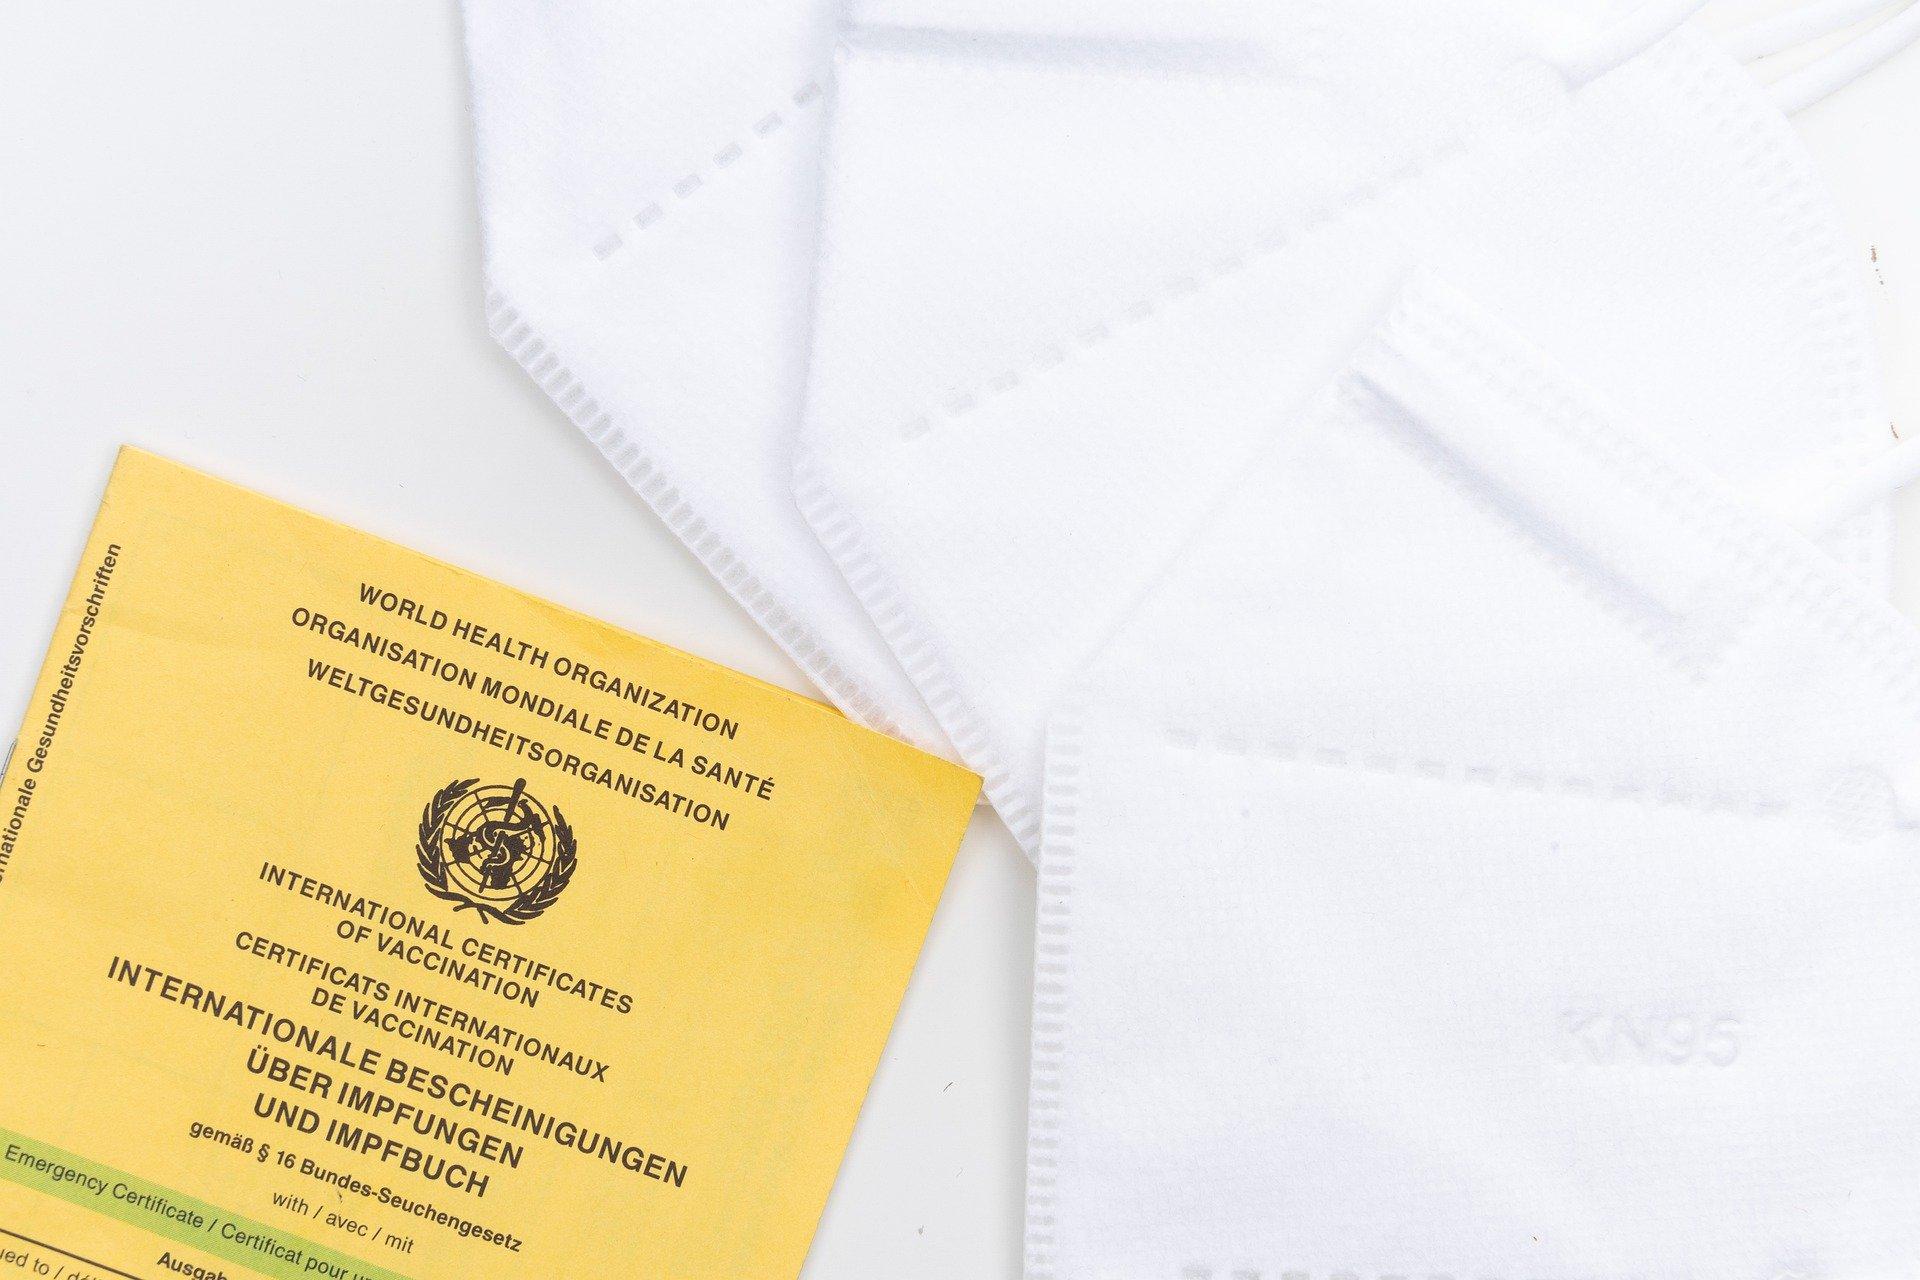 Impfpass: DARUM sollte man ihn nicht im Netz zeigen